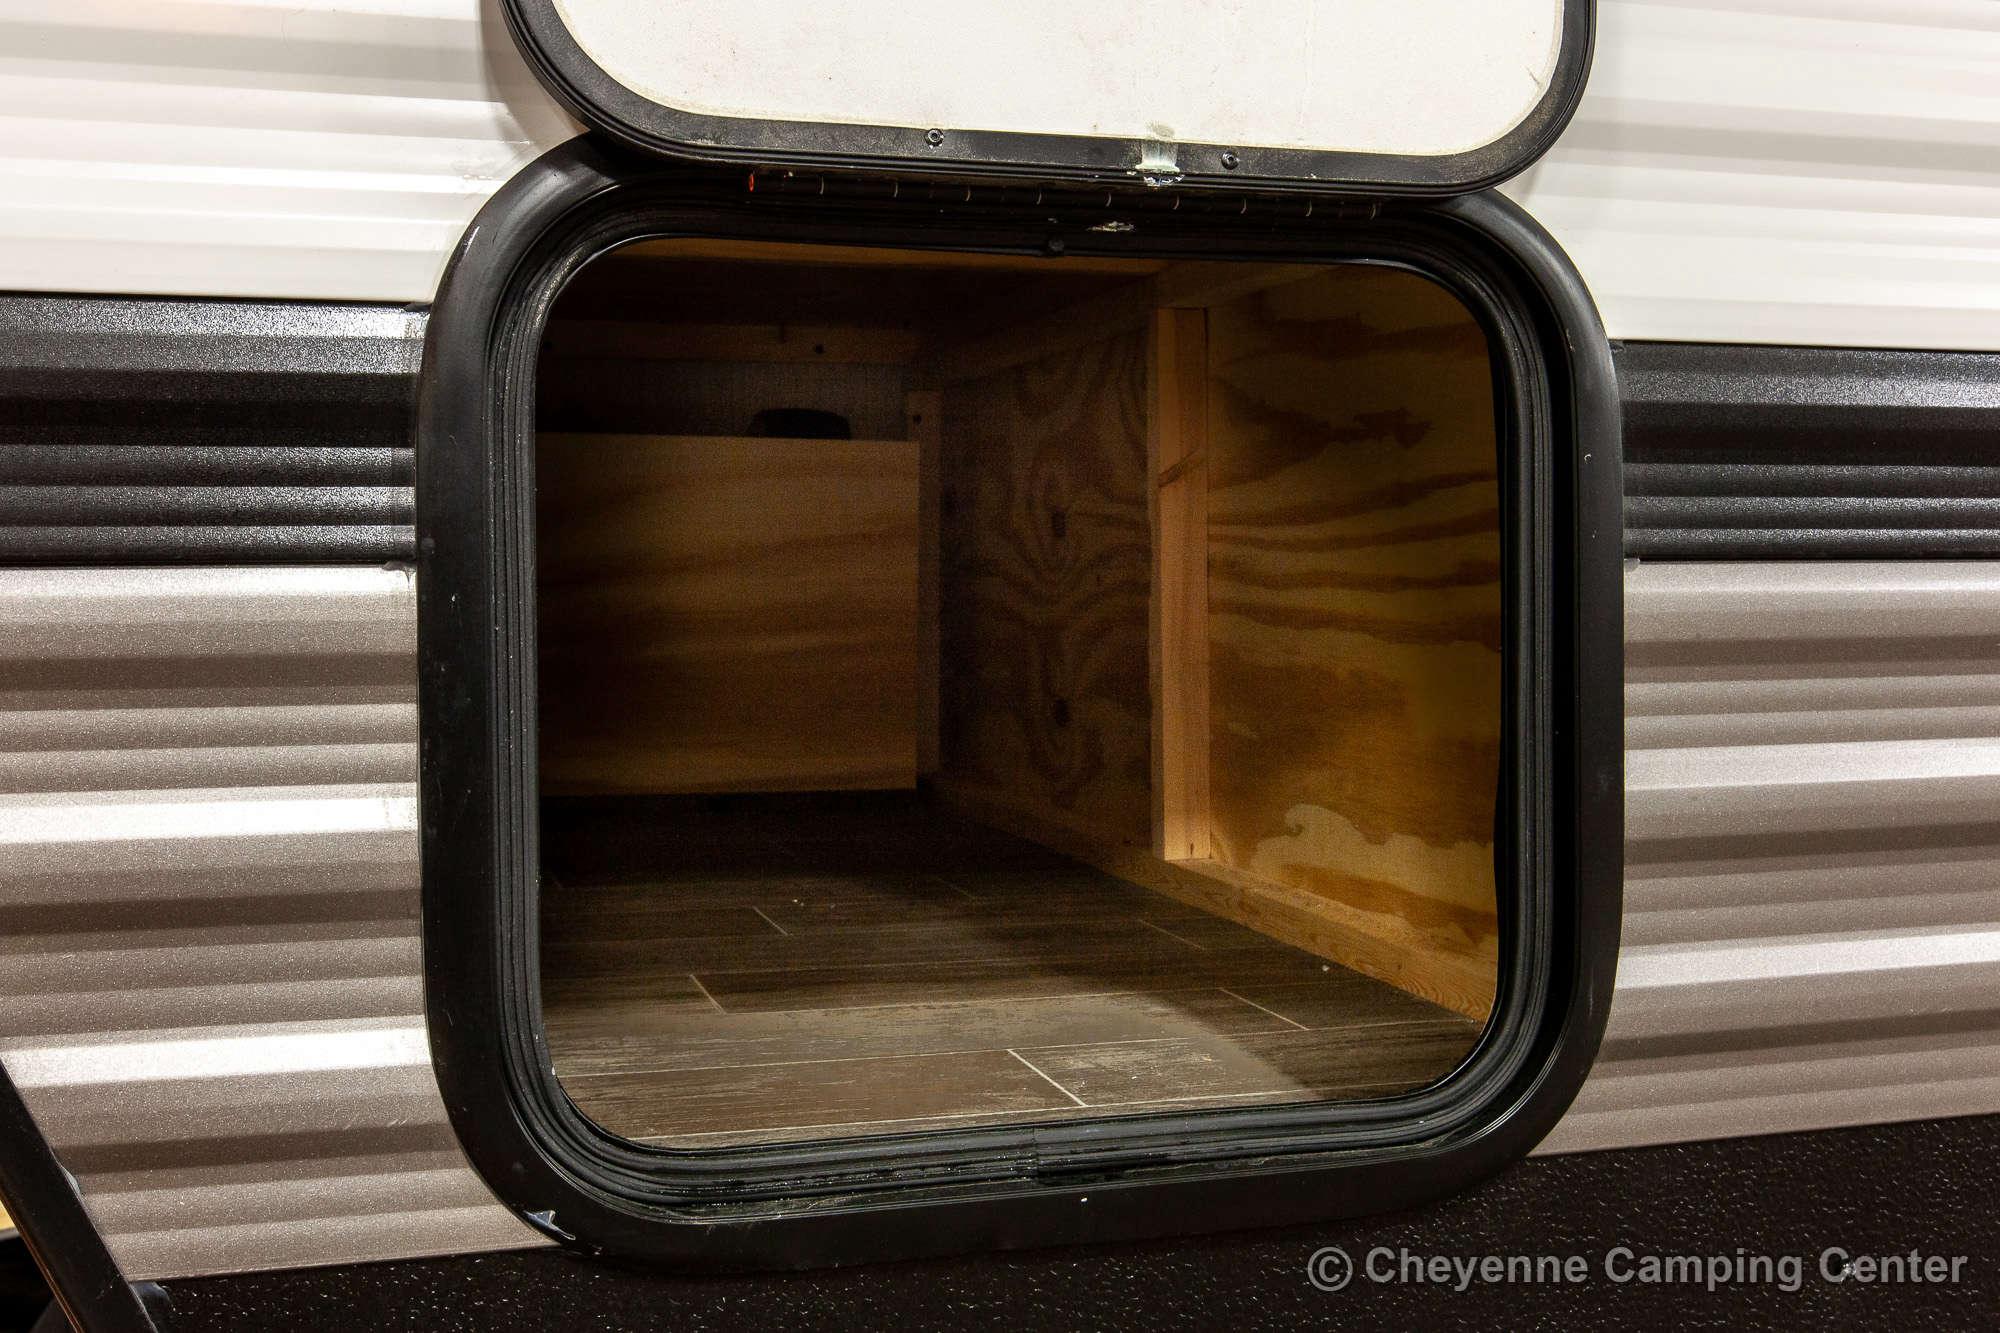 2020 Palomino Puma 32RBFQ Bunkhouse Travel Trailer Exterior Image